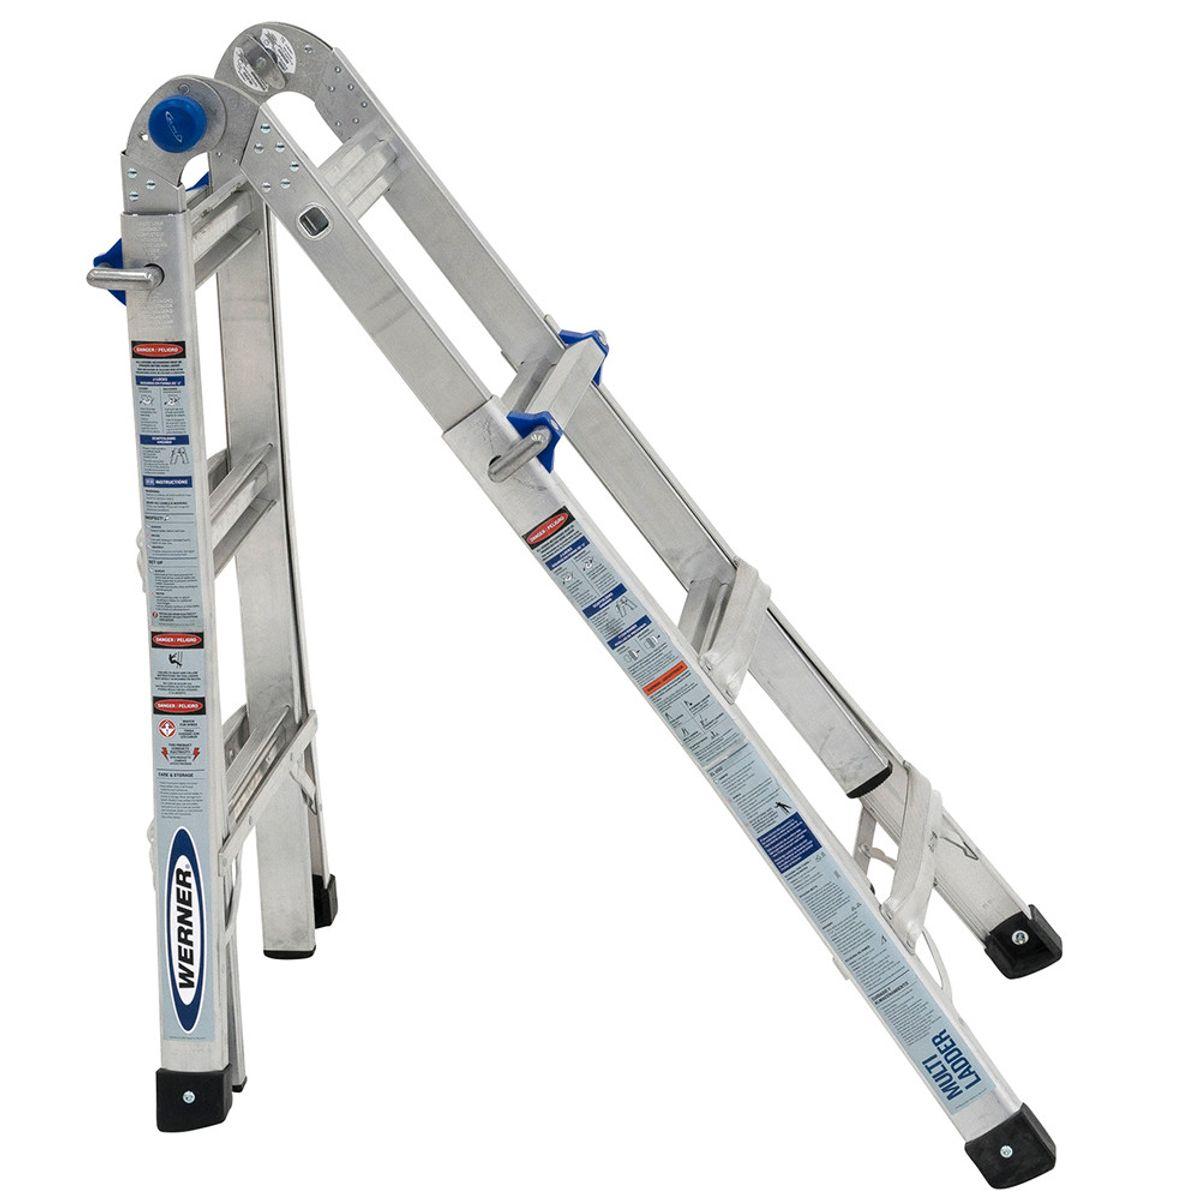 Mtiaa 13 Multi Purpose Ladders Werner Us